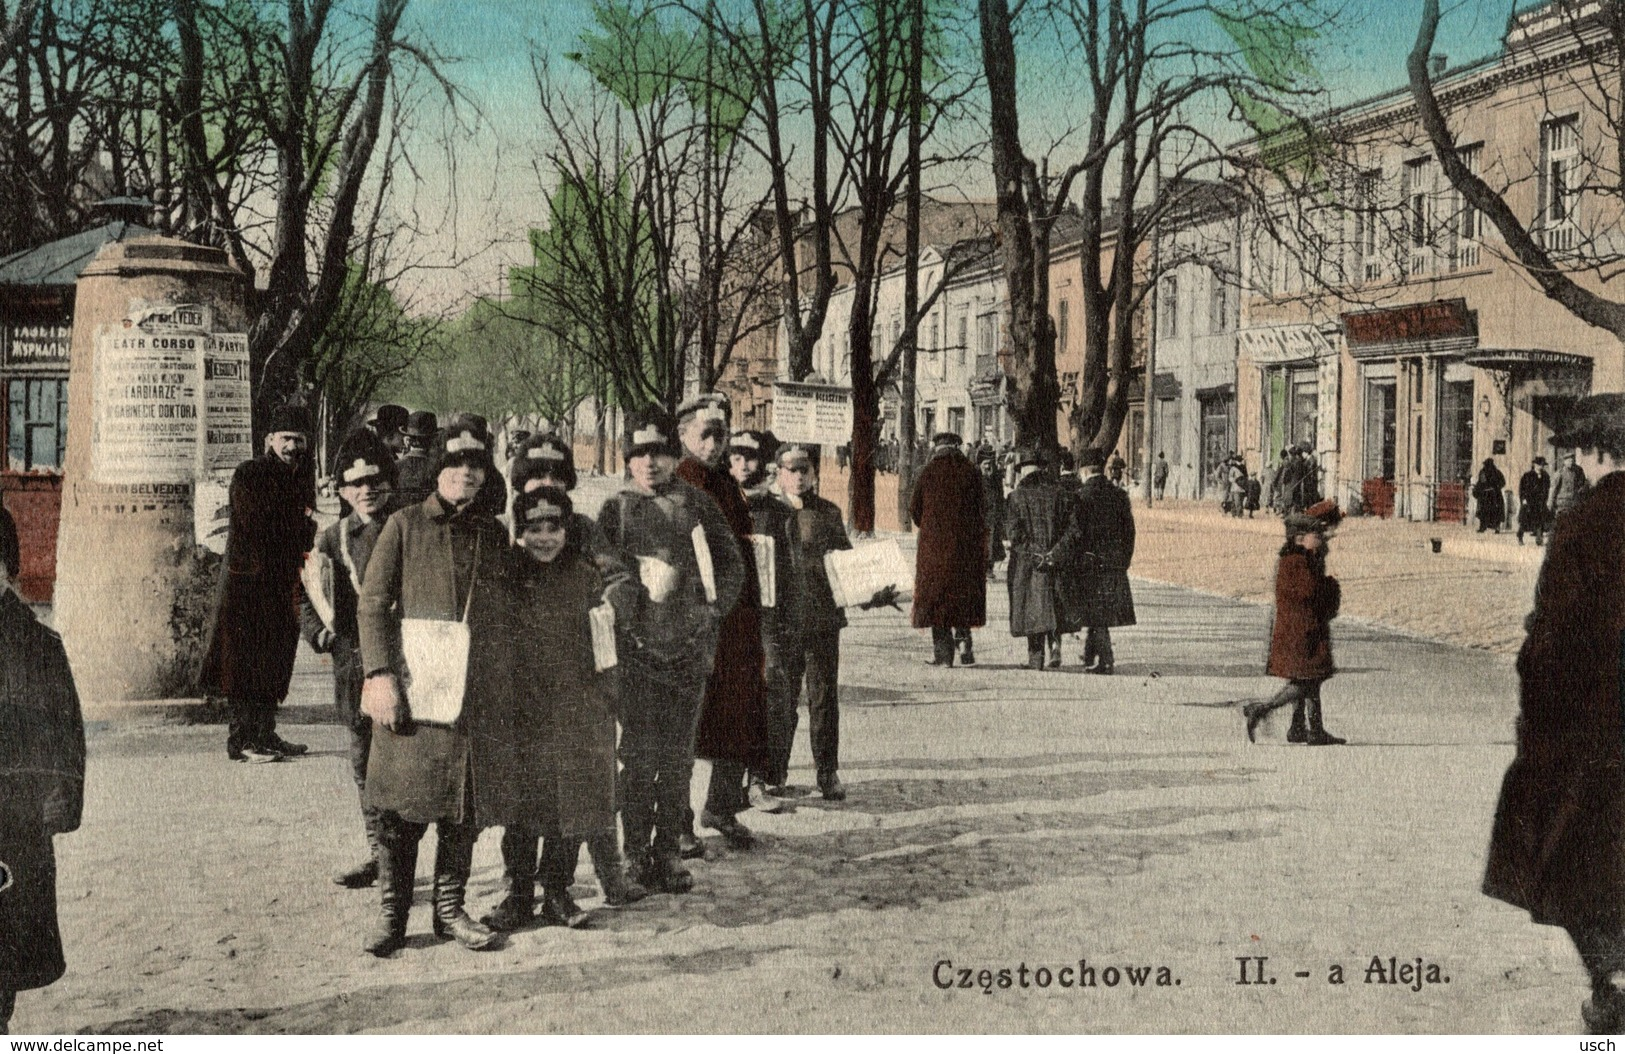 POLSKA - POLAND - CZOSTOCHOWA, II.-a Aleja, Well Animated - 1915 - Polen